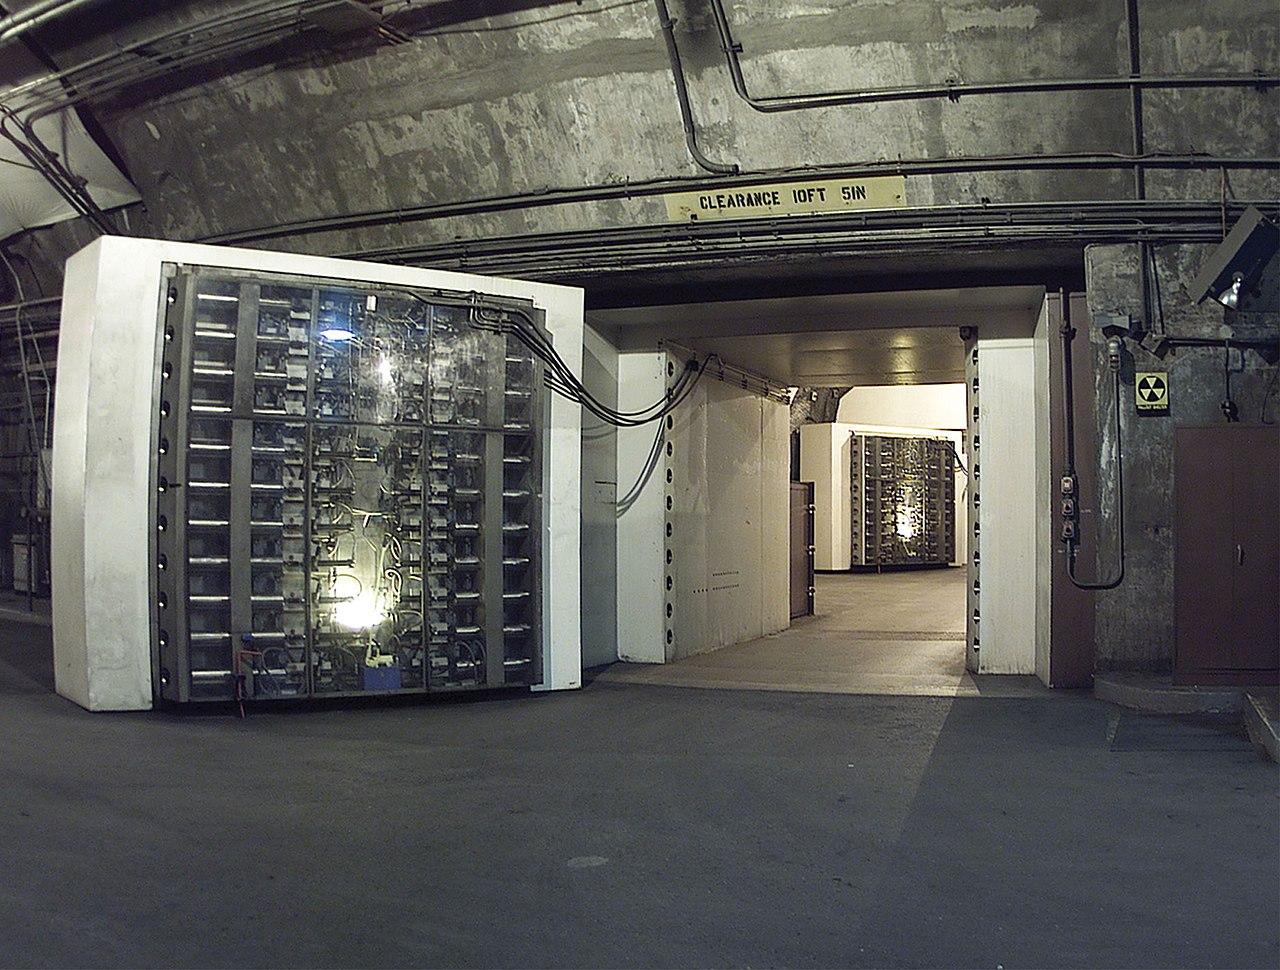 1280px-noradblast-doors.jpg